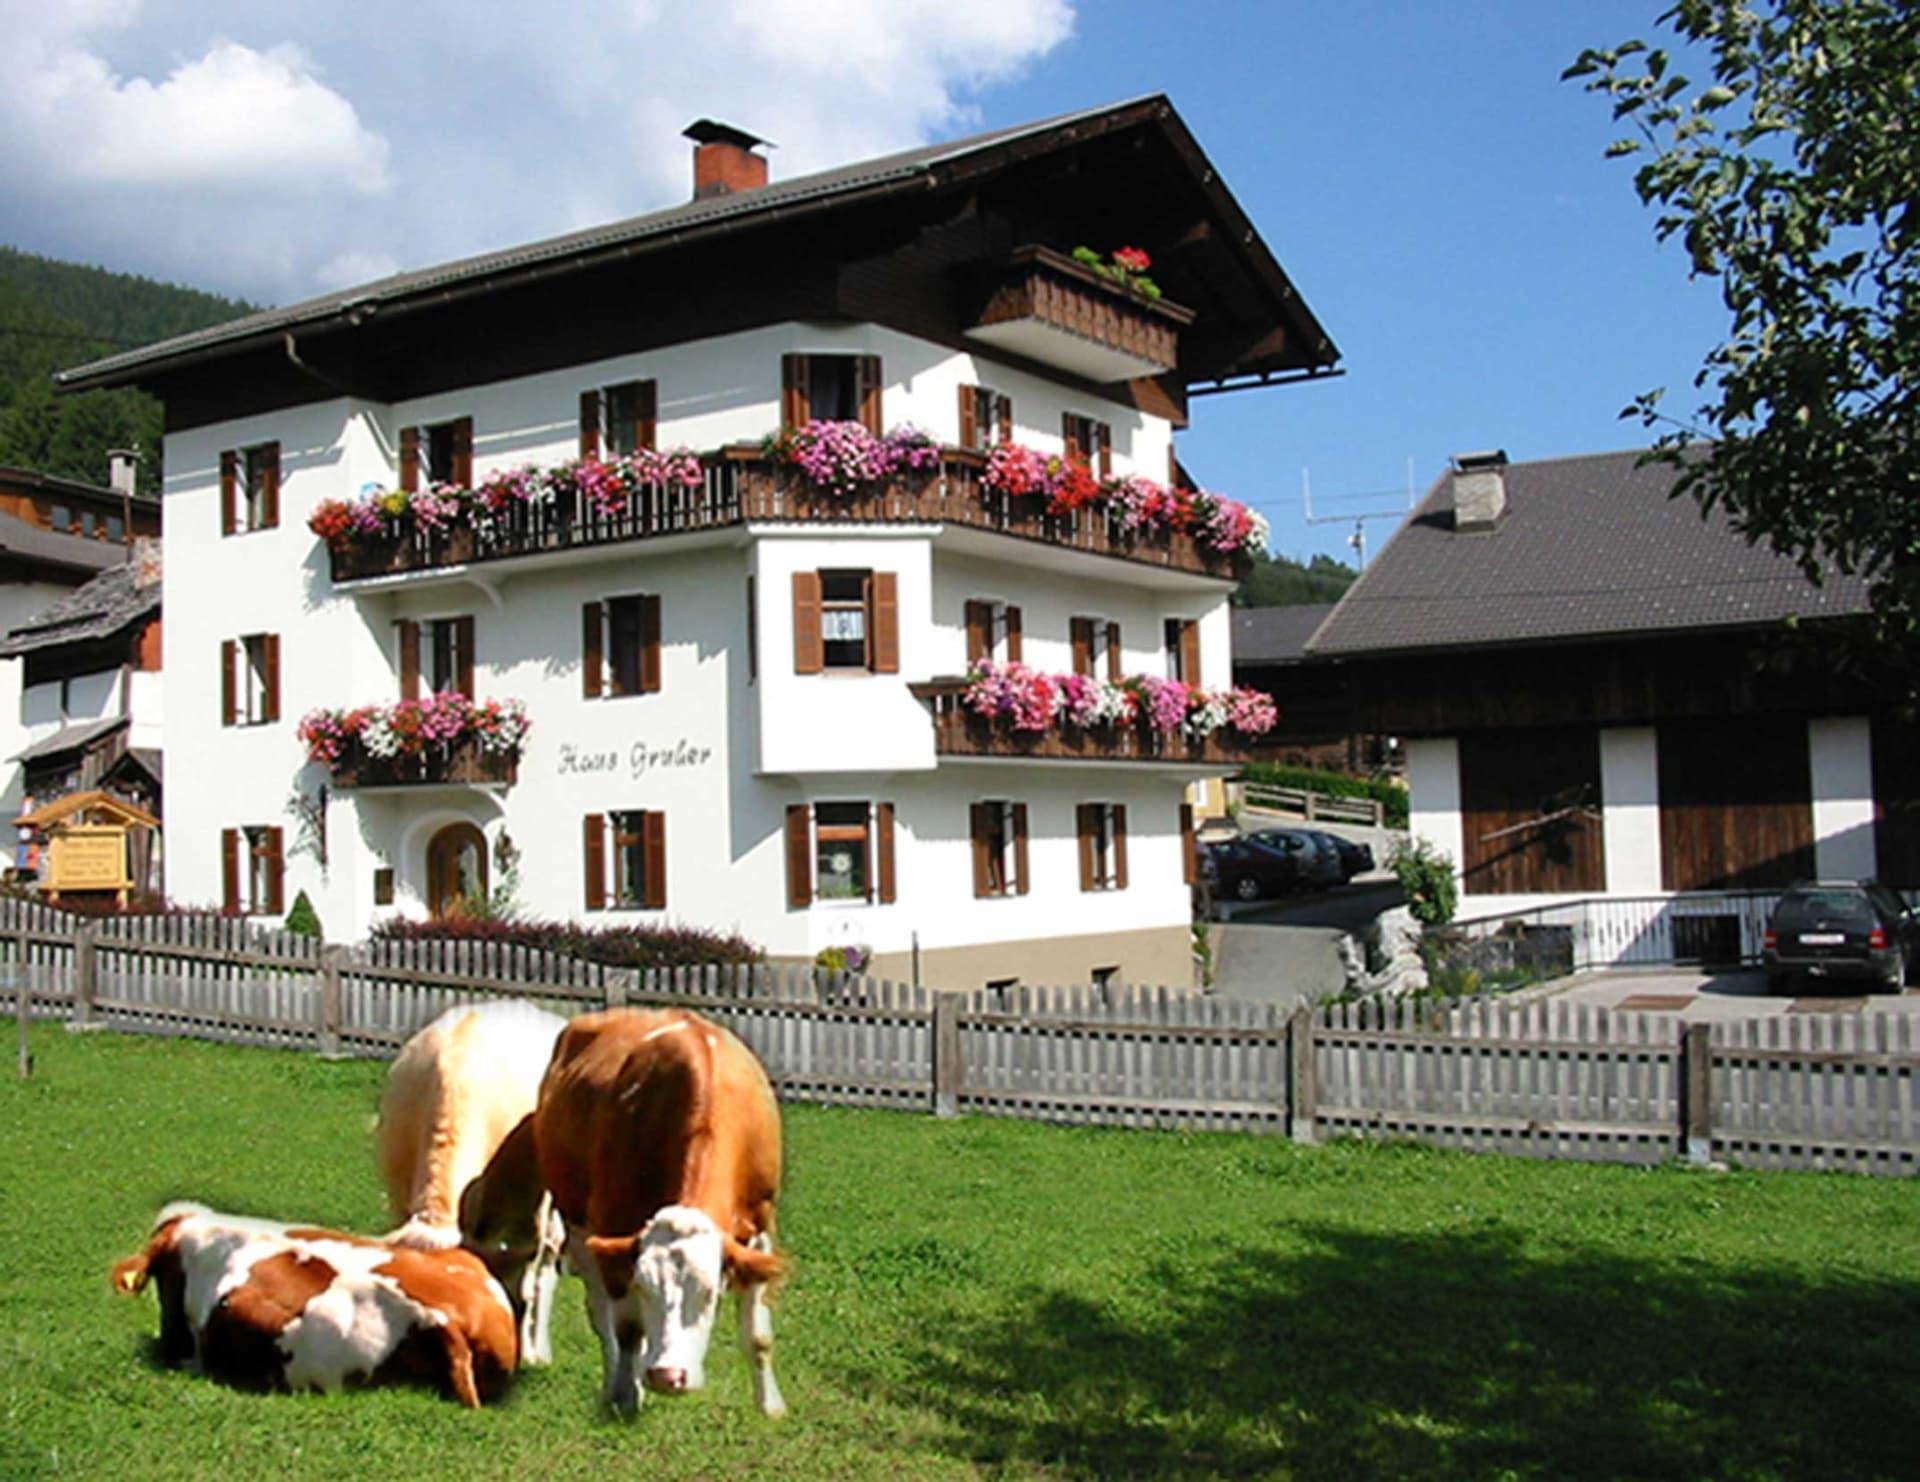 Erlebenswert - Bauernhof Gruber